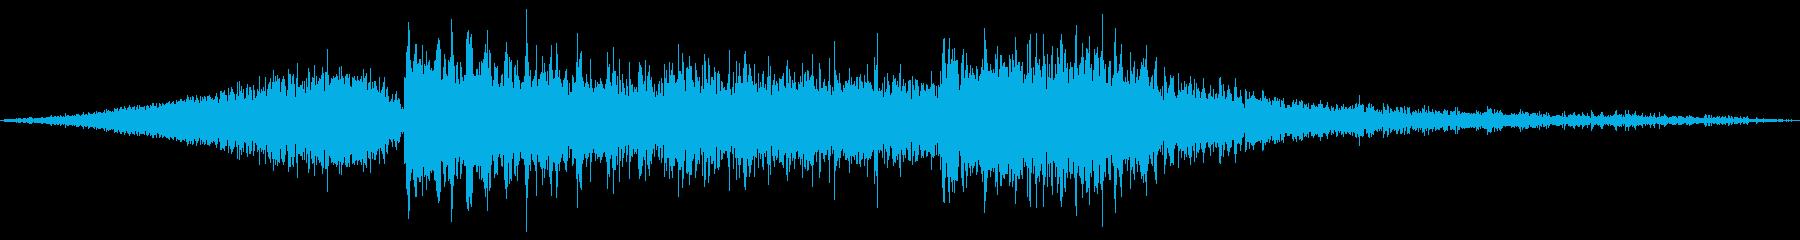 攻撃 大地 氷 衝突 風 エネルギーの再生済みの波形